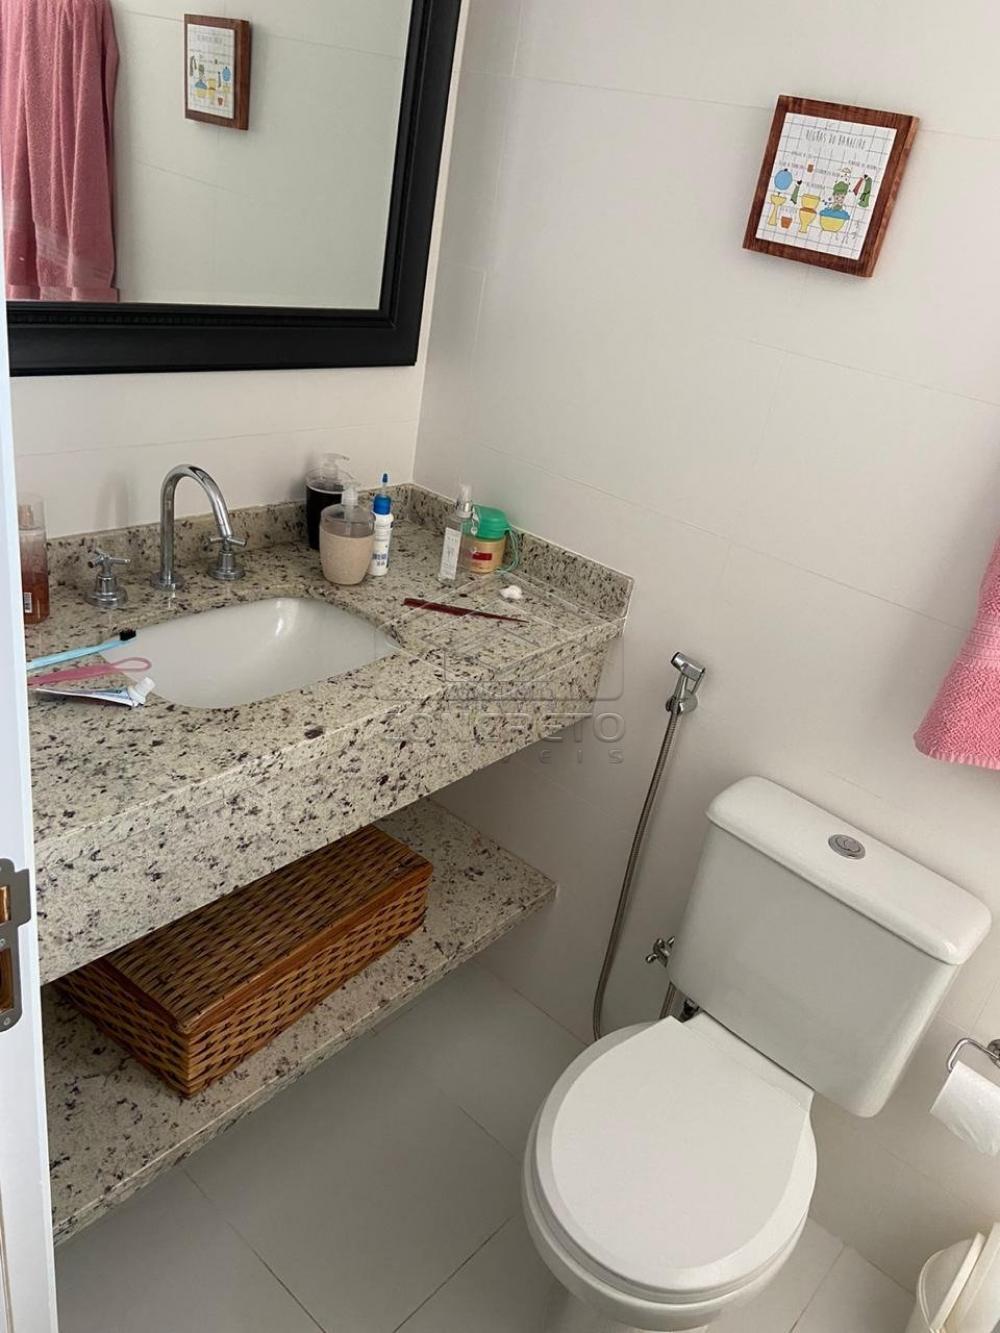 Comprar Apartamento / Padrão em Bauru R$ 600.000,00 - Foto 10